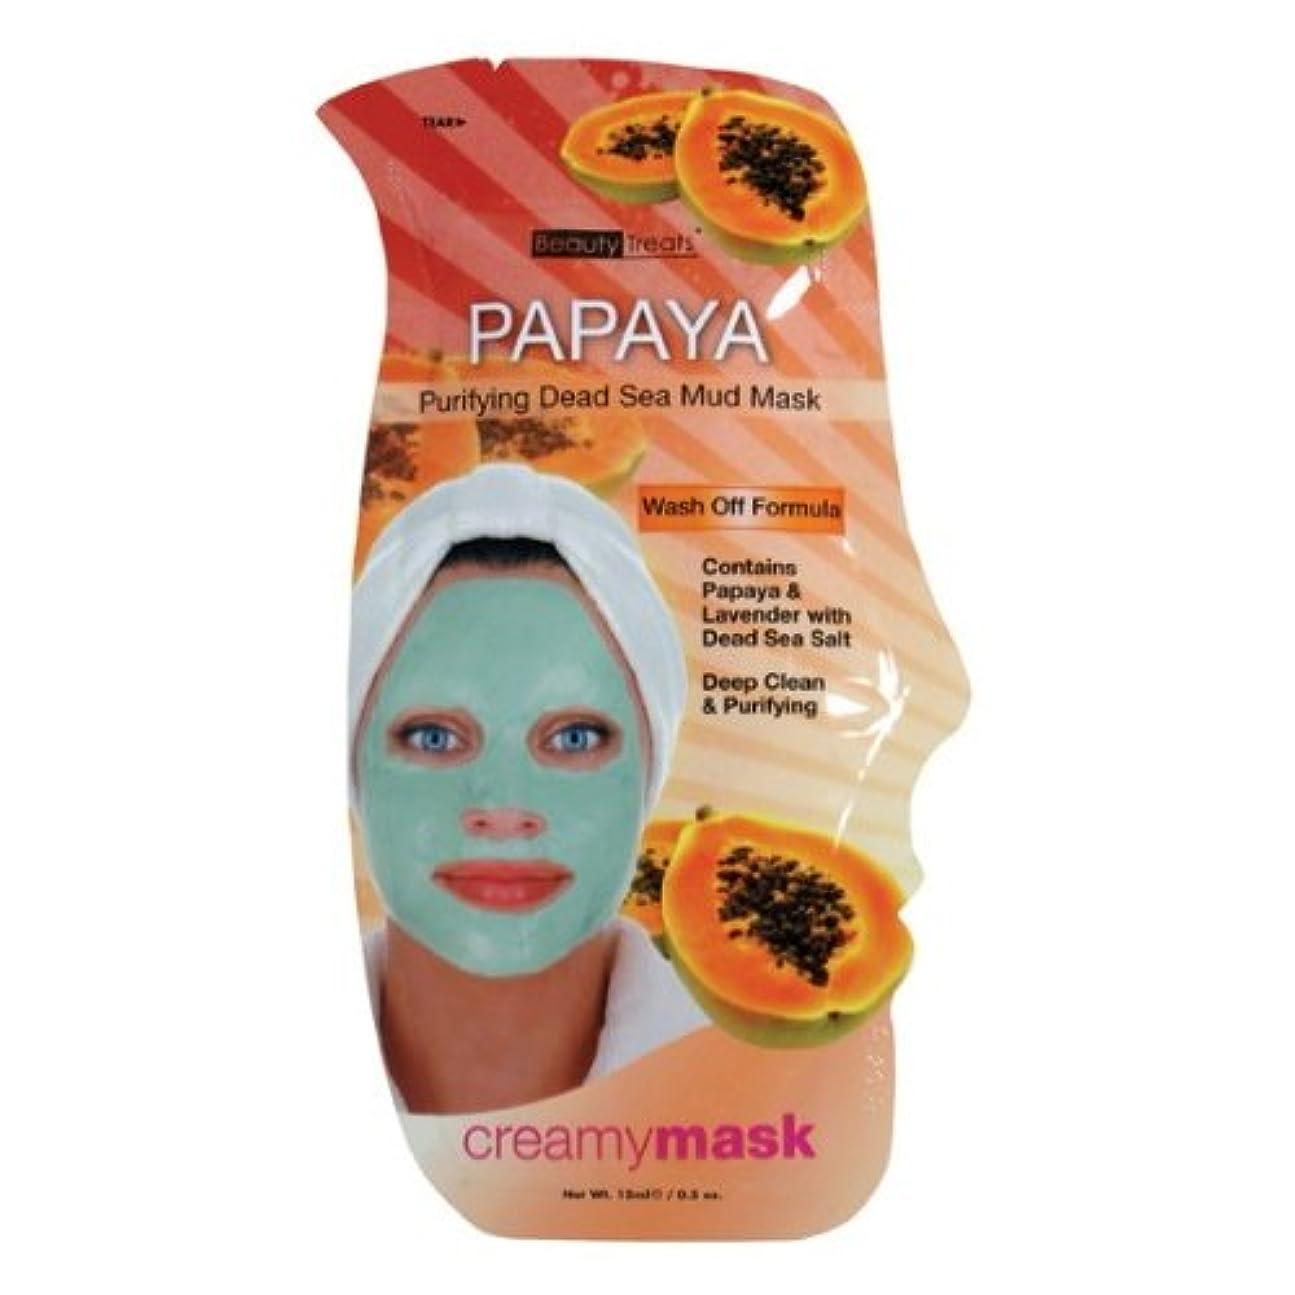 レクリエーション余暇悩む(3 Pack) BEAUTY TREATS Papaya Purifying Dead Sea Mud Mask - Papaya (並行輸入品)